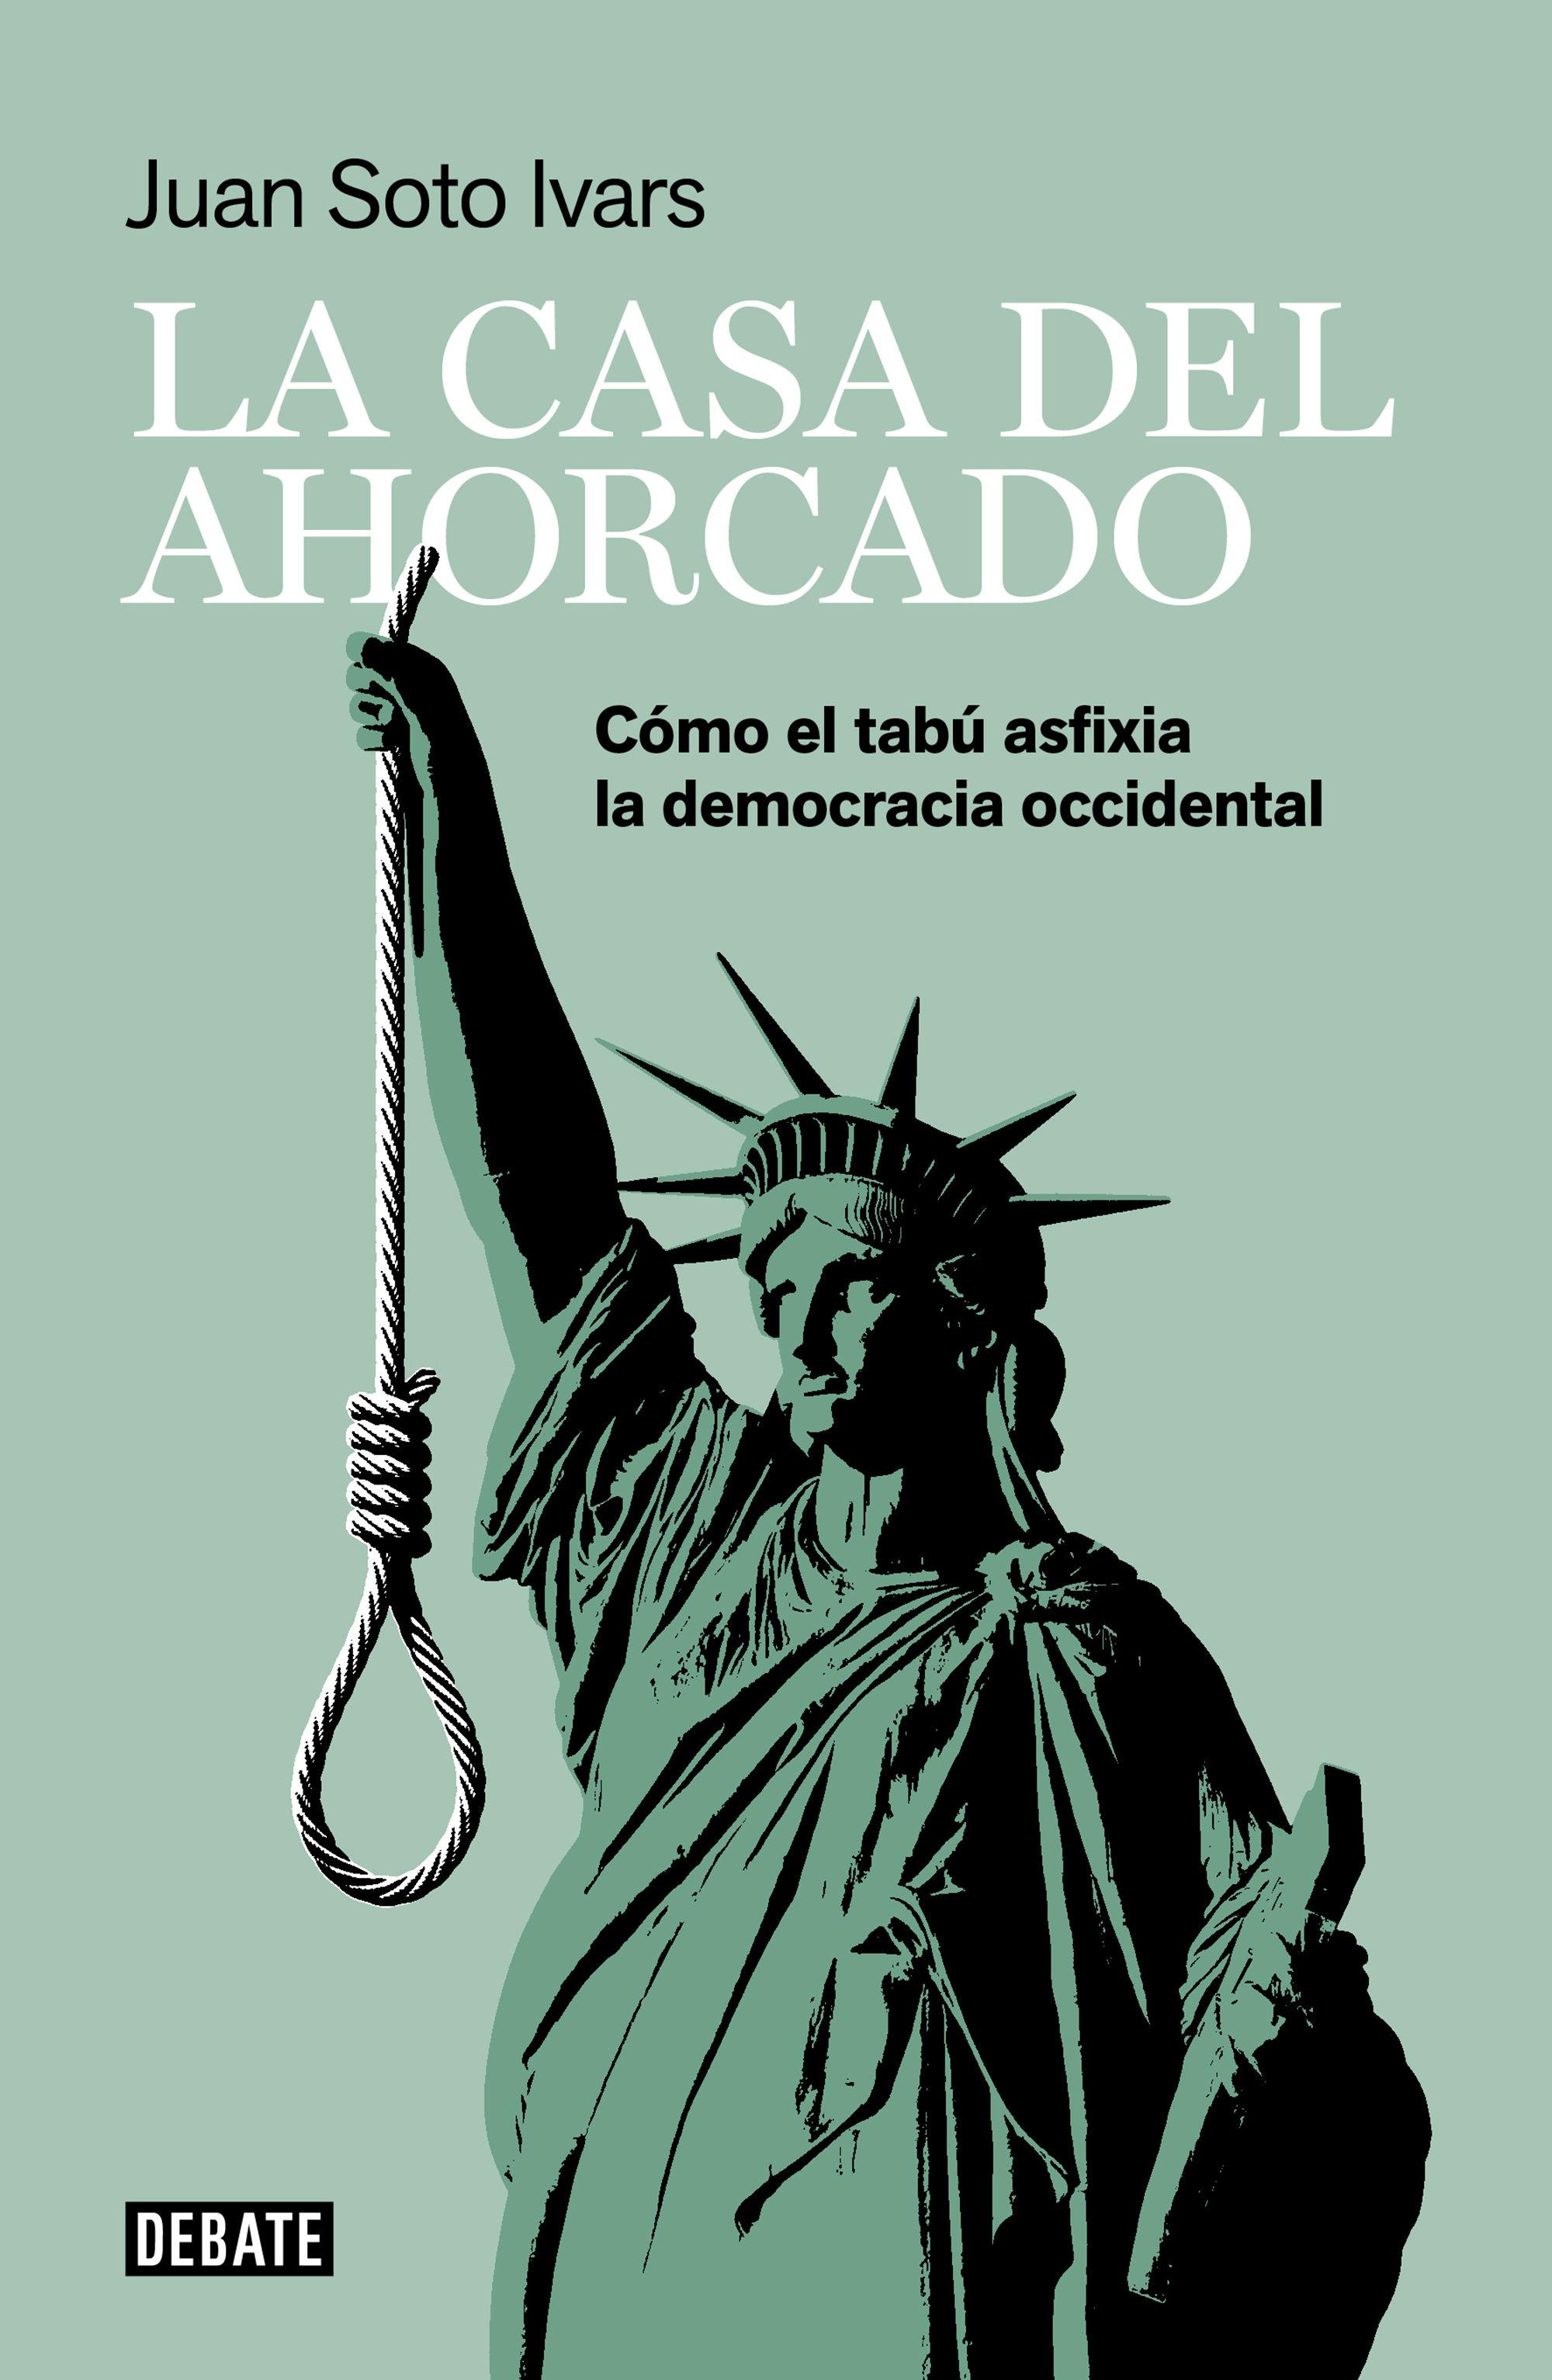 CASA DEL AHORCADO LA